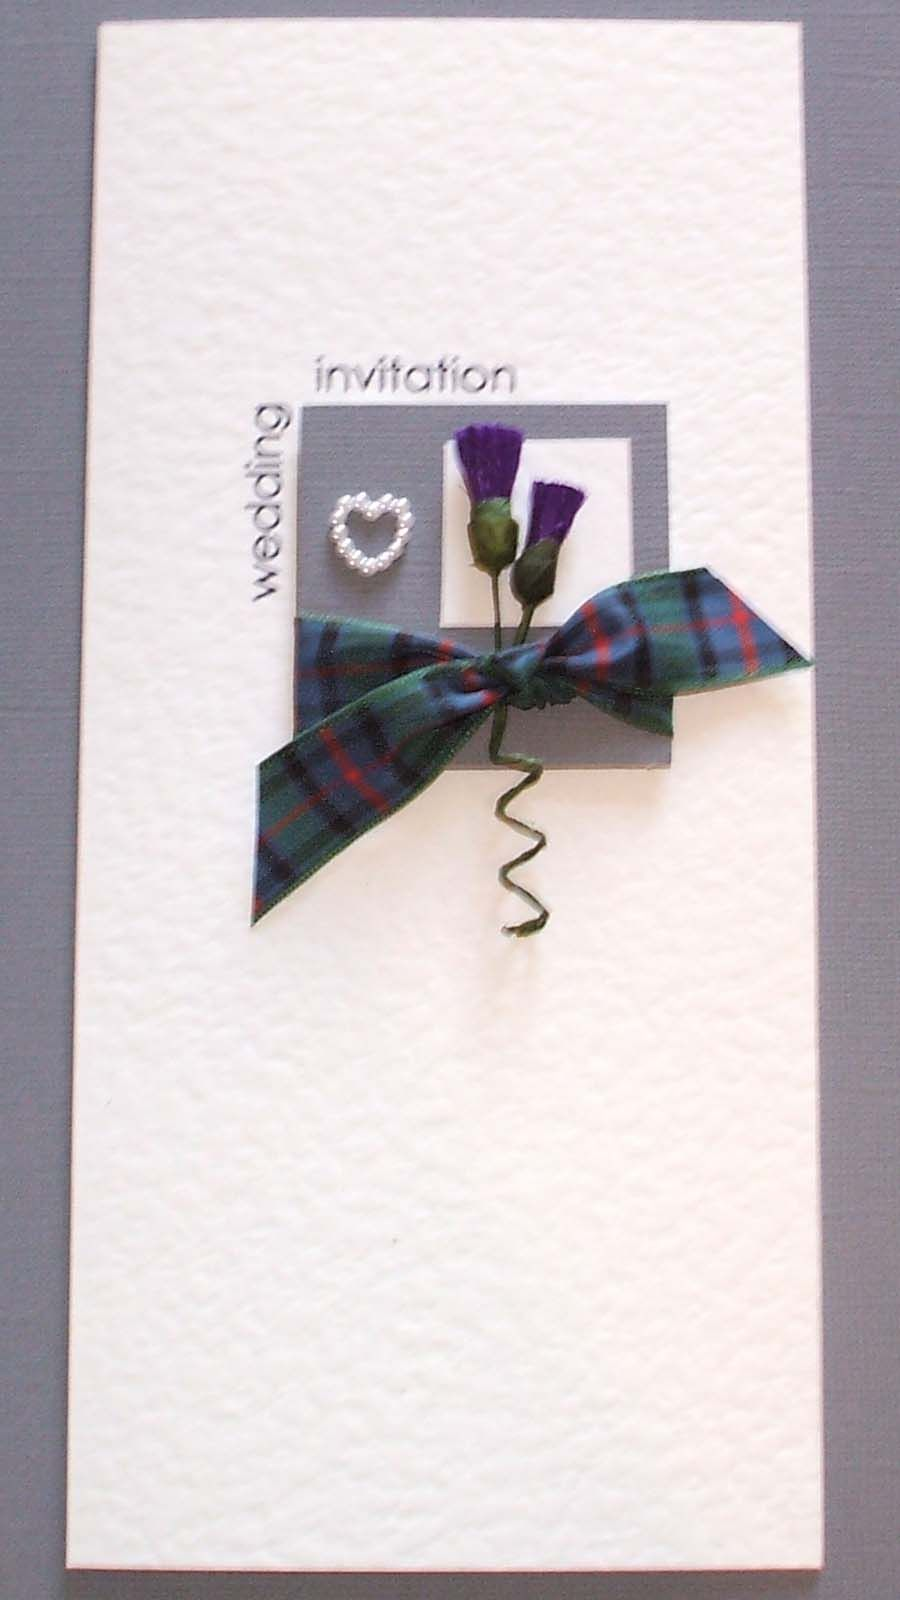 contemporary scottish wedding invitations designs - Google Search ...